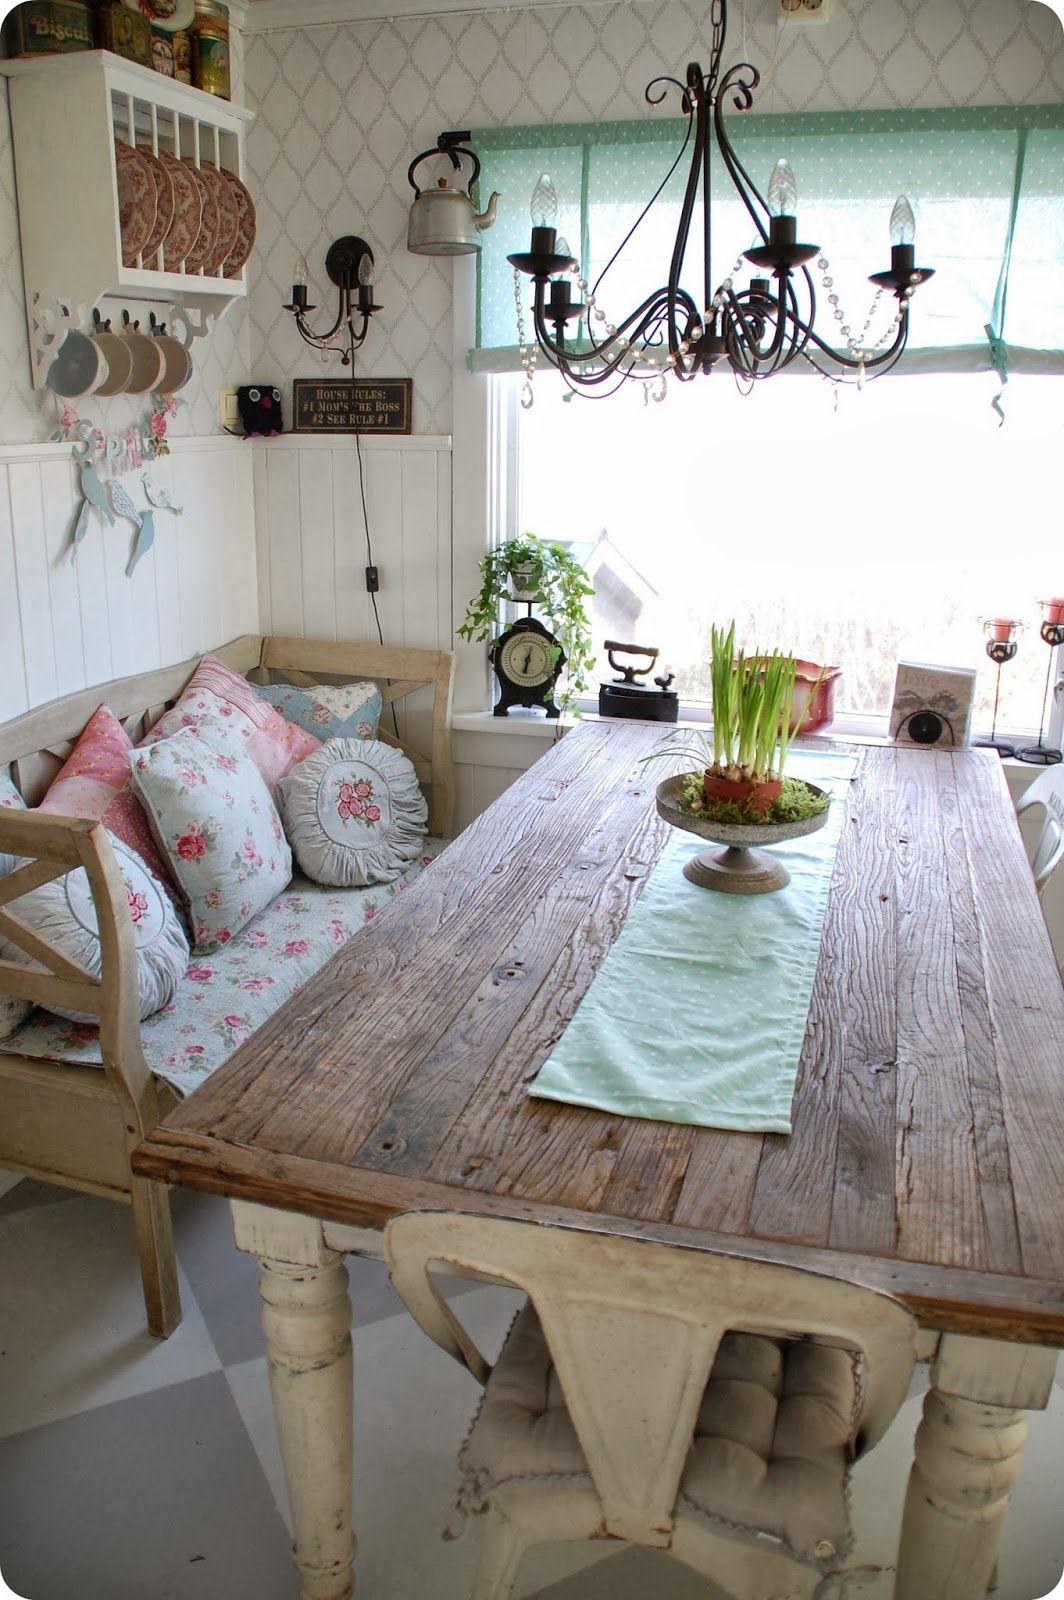 esszimmer landhausstil landhausmbel einrichten wohnen sitzbank esstisch farmhouse - Vintage Esstisch Ideen Esszimmer Mobel